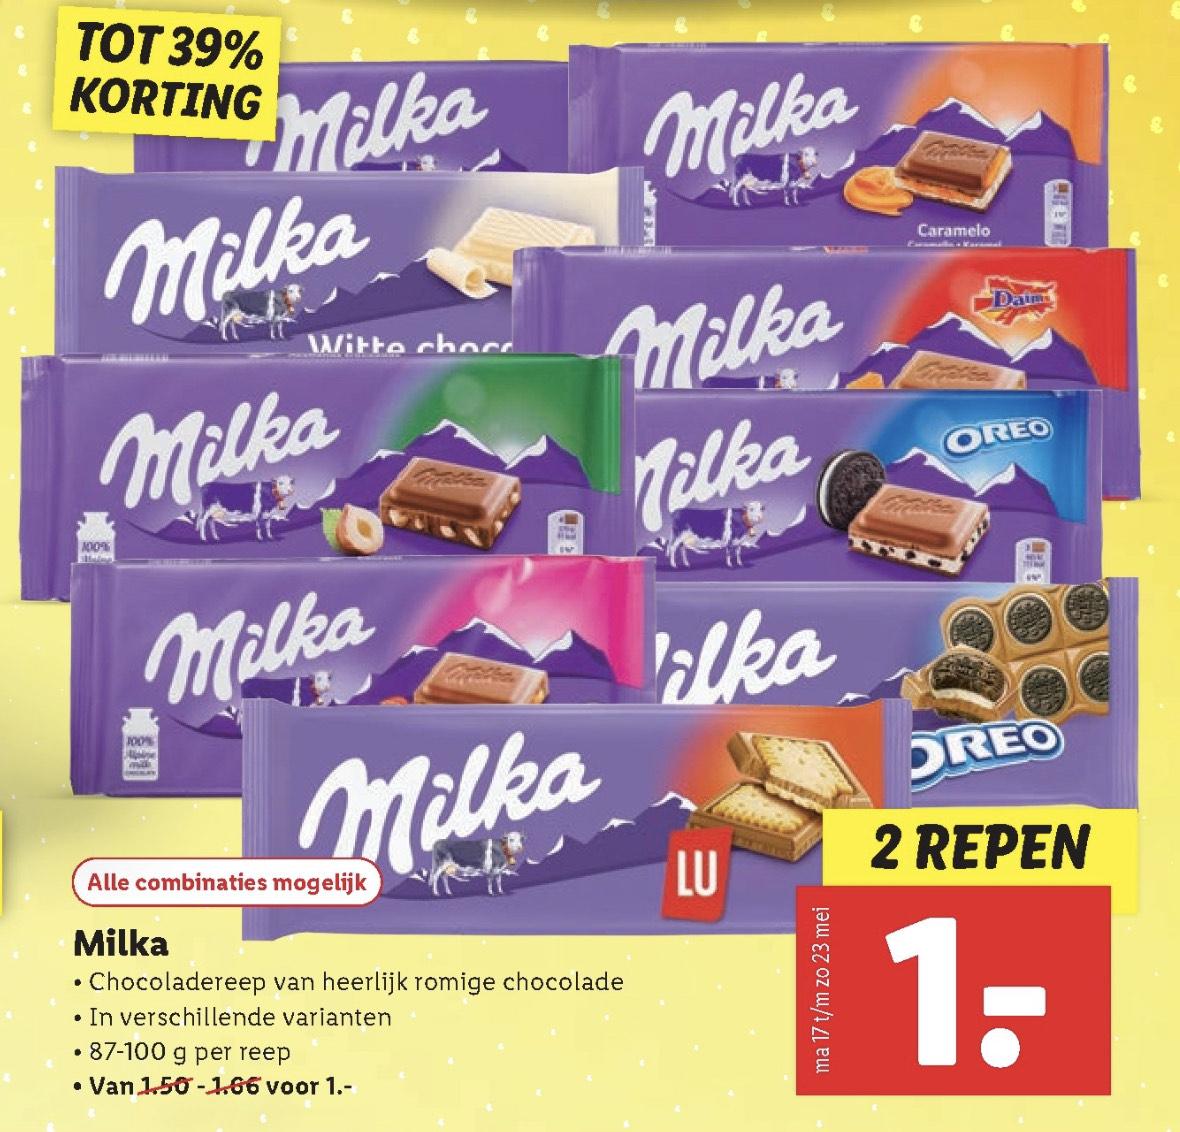 2 Milka repen voor 1,- bij Lidl vanaf 17 mei